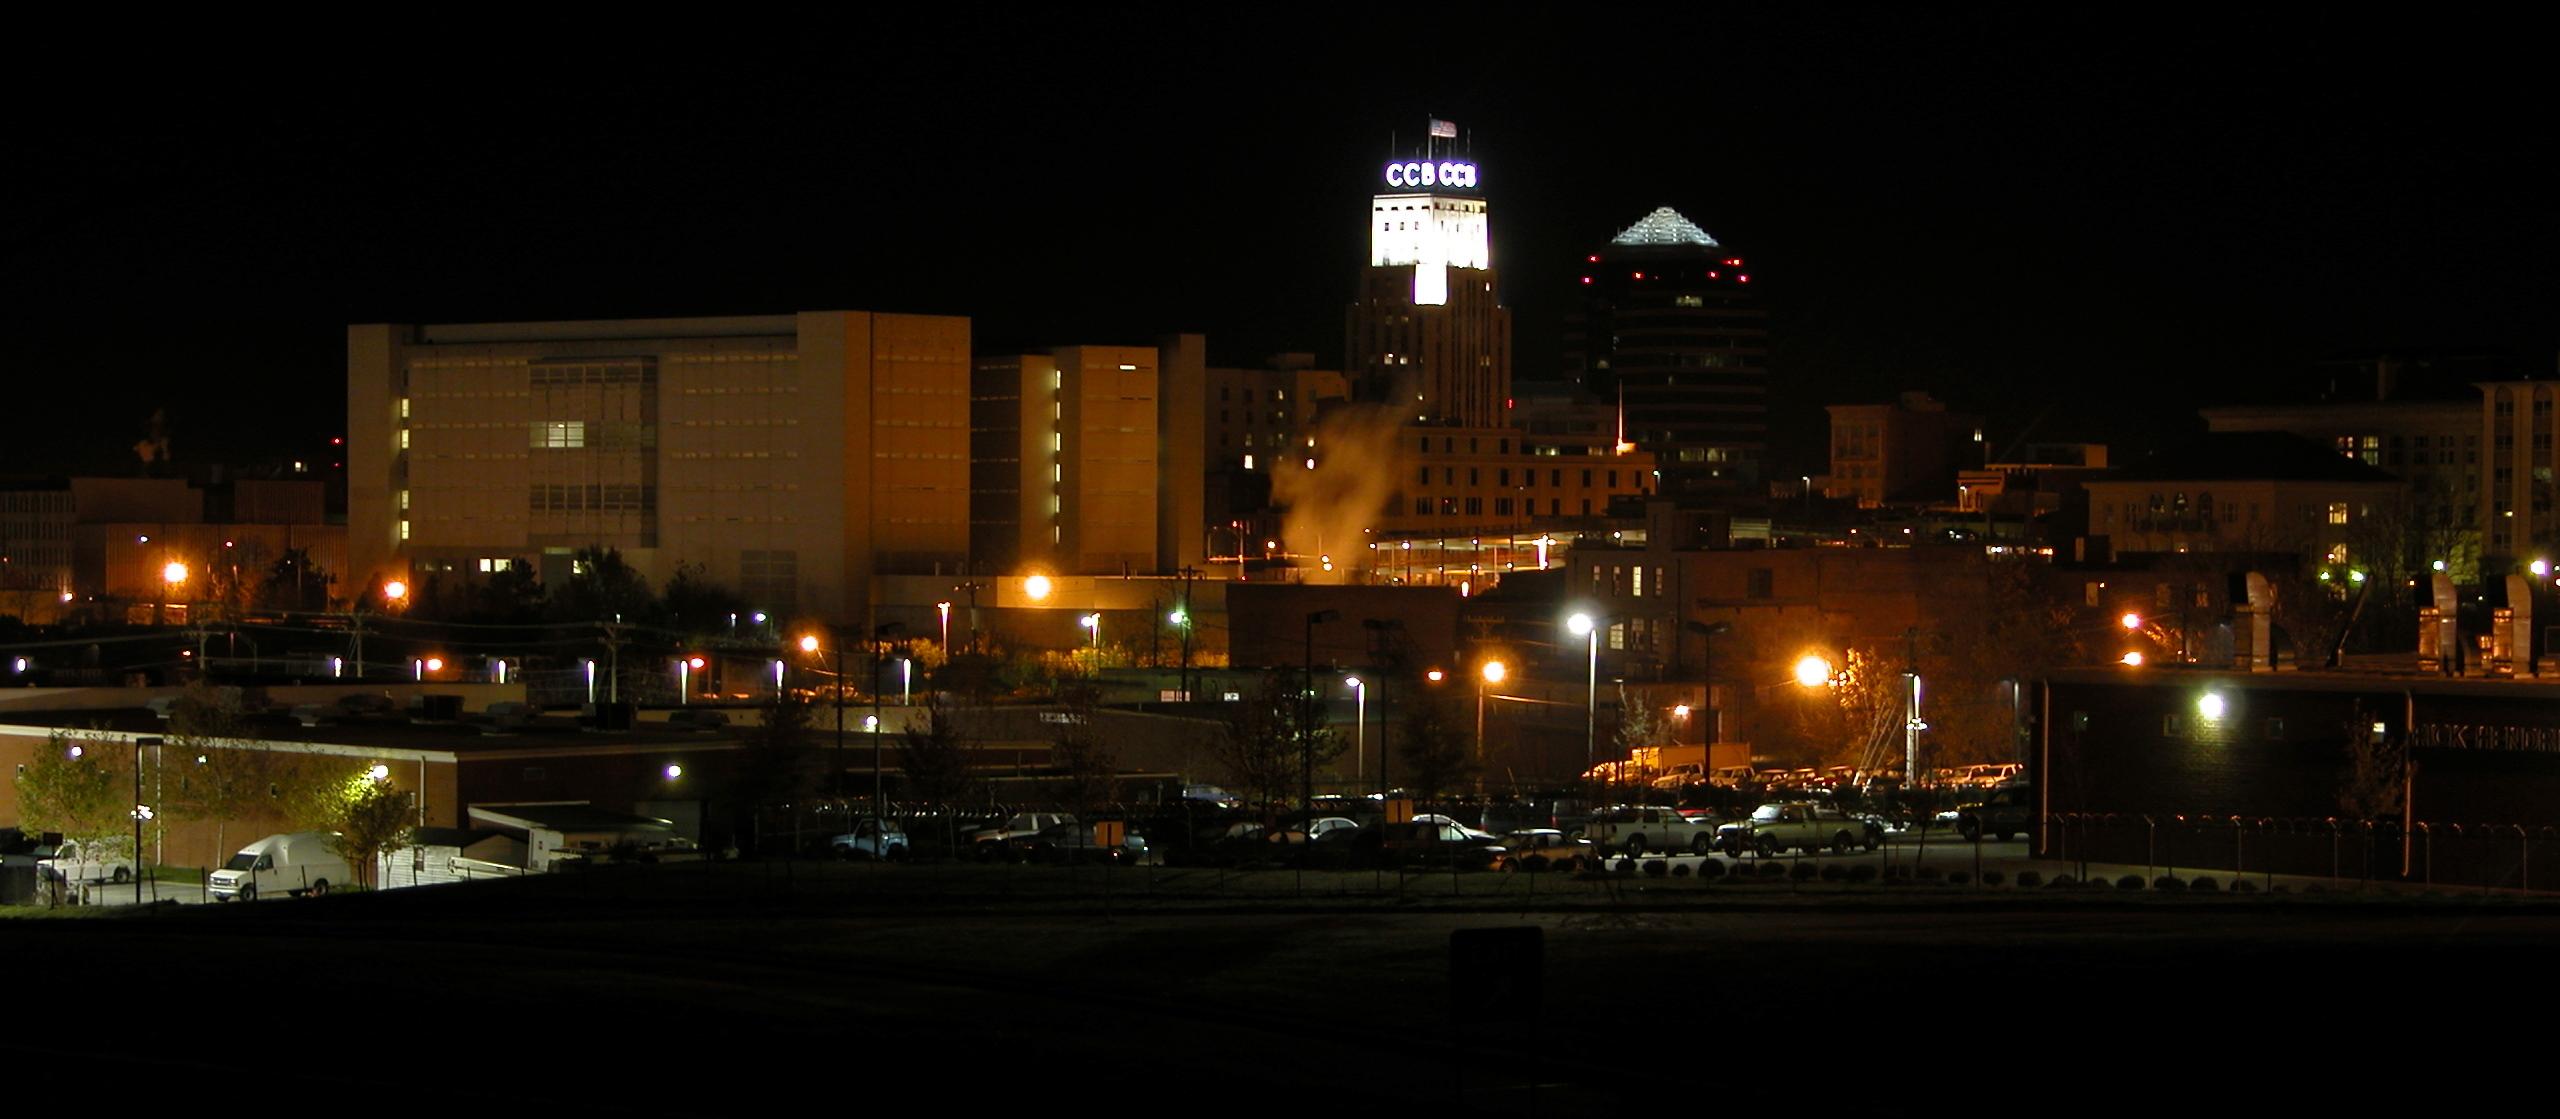 2003 11 22 Durham Night Skyline Trekbible